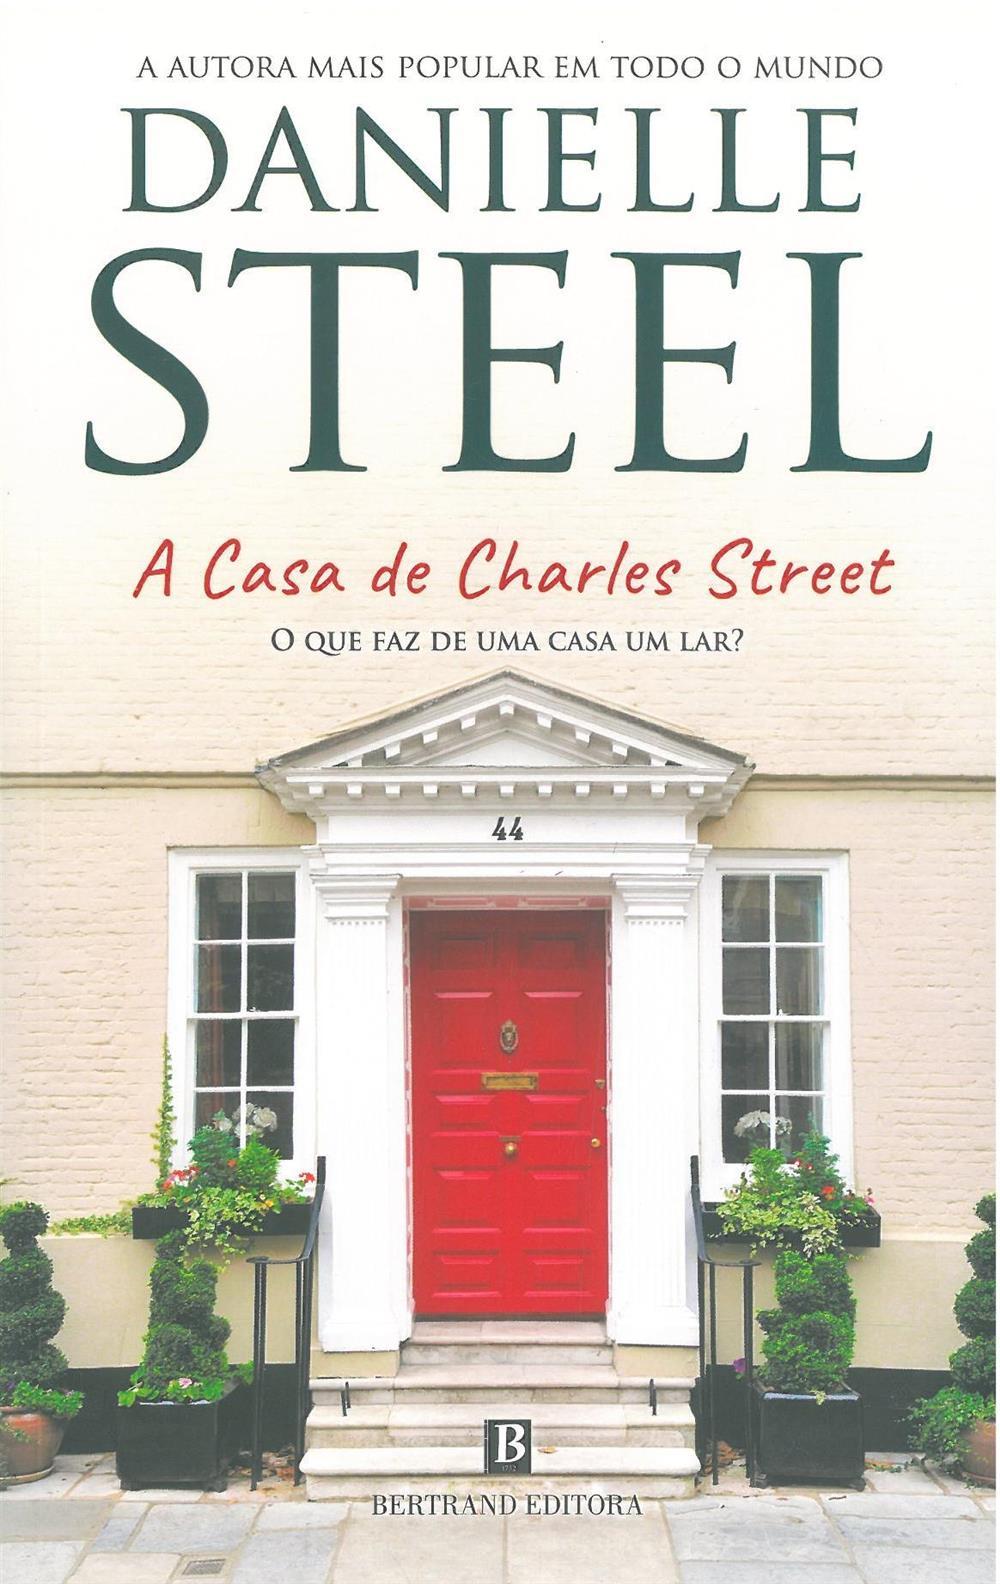 A casa de Charles Street.jpg